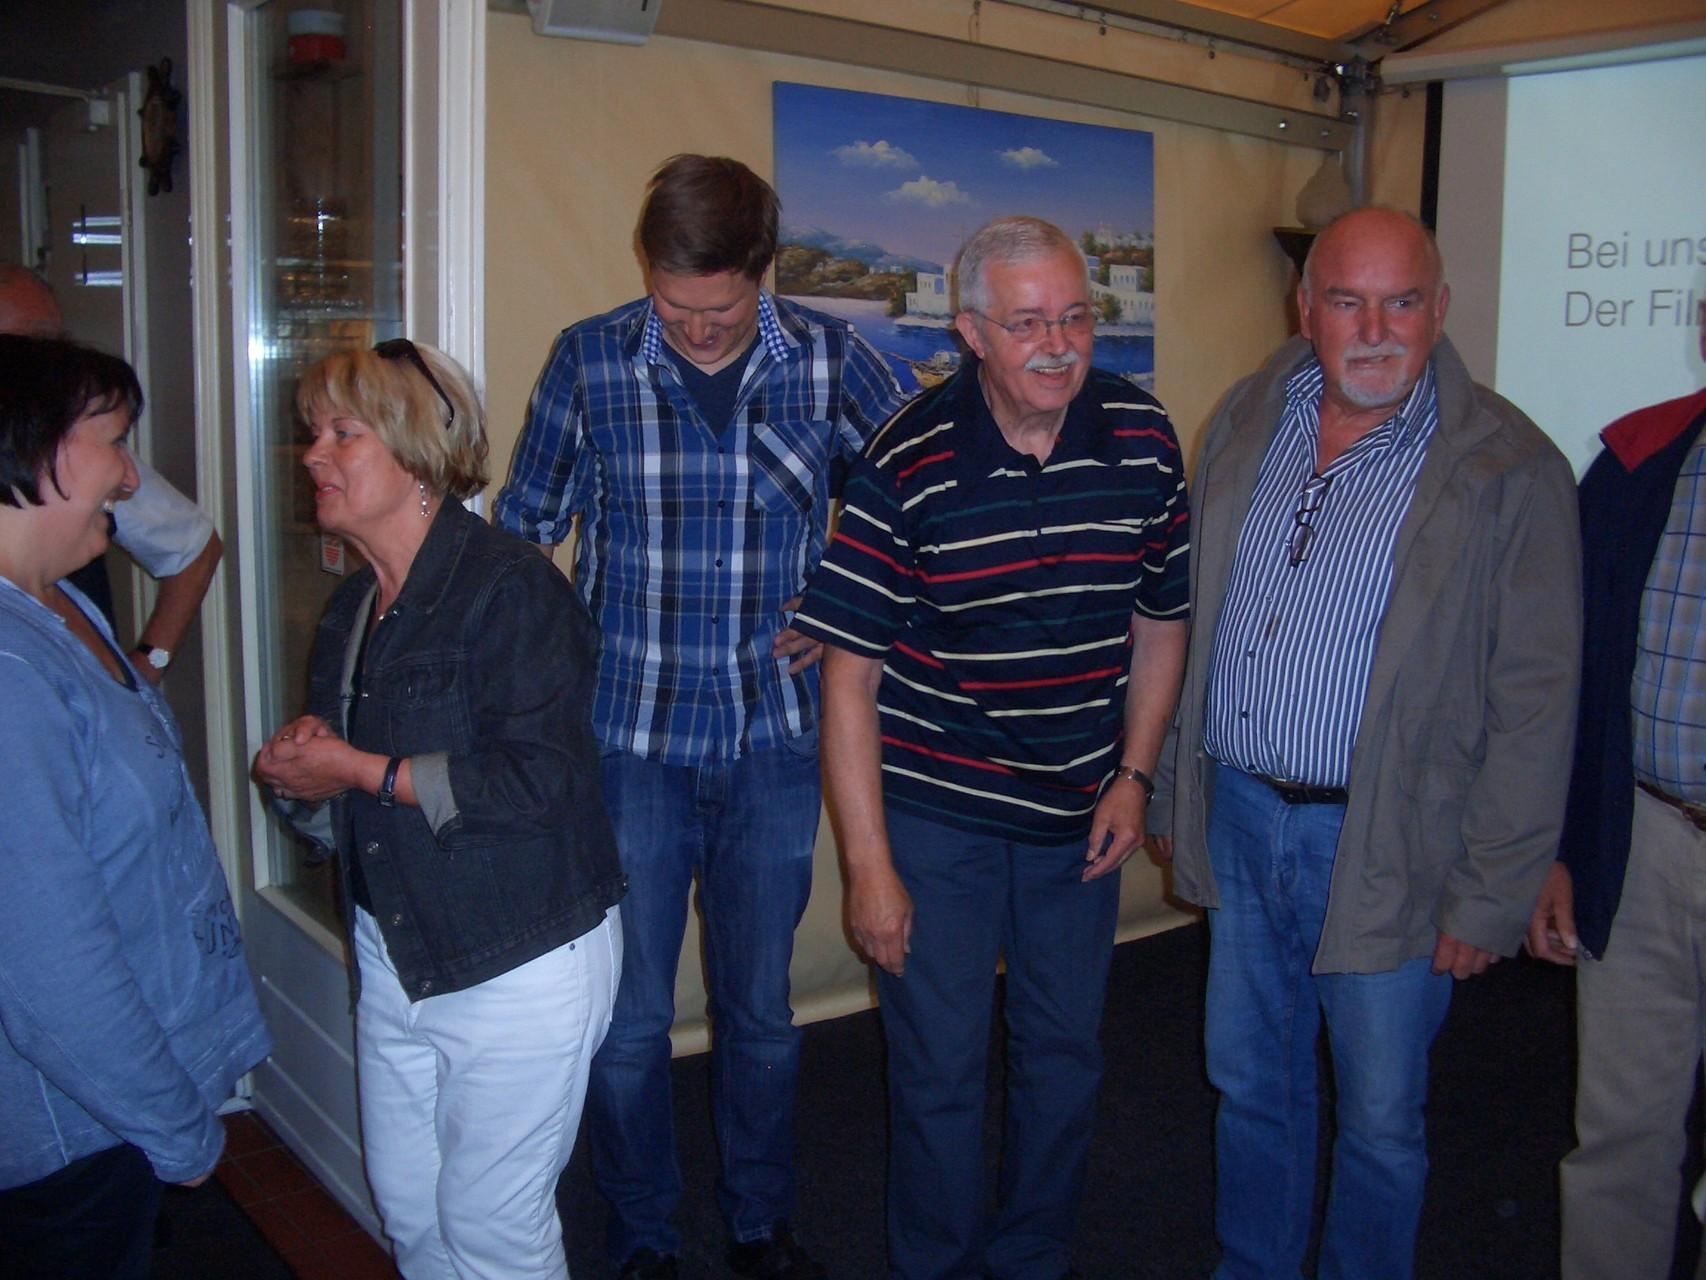 ... Rosemarie Fagaschewski, Manfred Menz und Hans Wöbcke